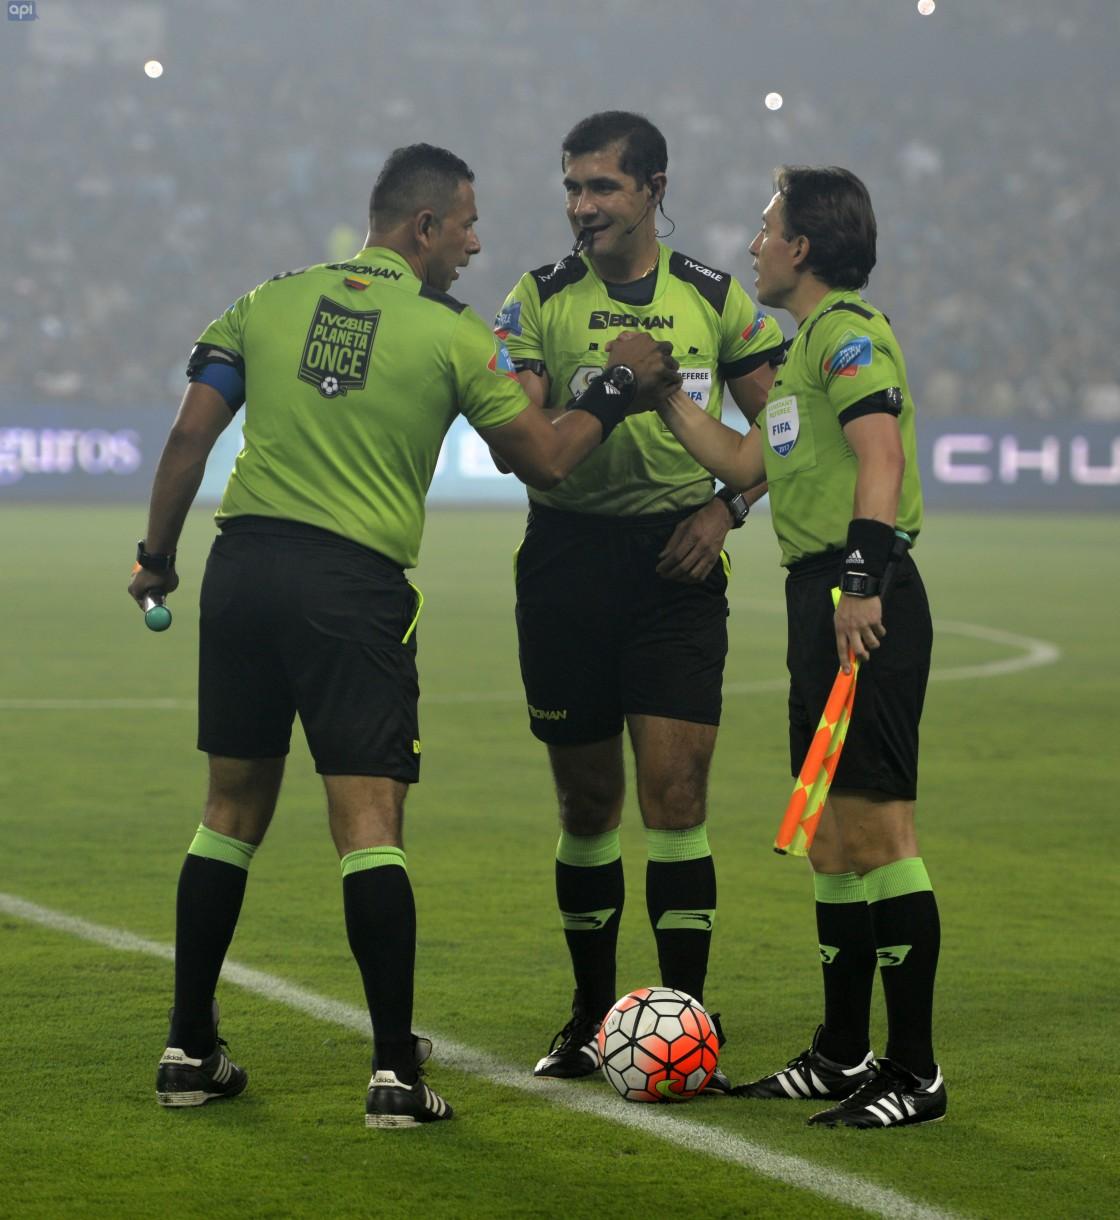 El Nacional y Liga protagonizarán el partido más atractivo de la jornada, que se jugará entre viernes y lunes